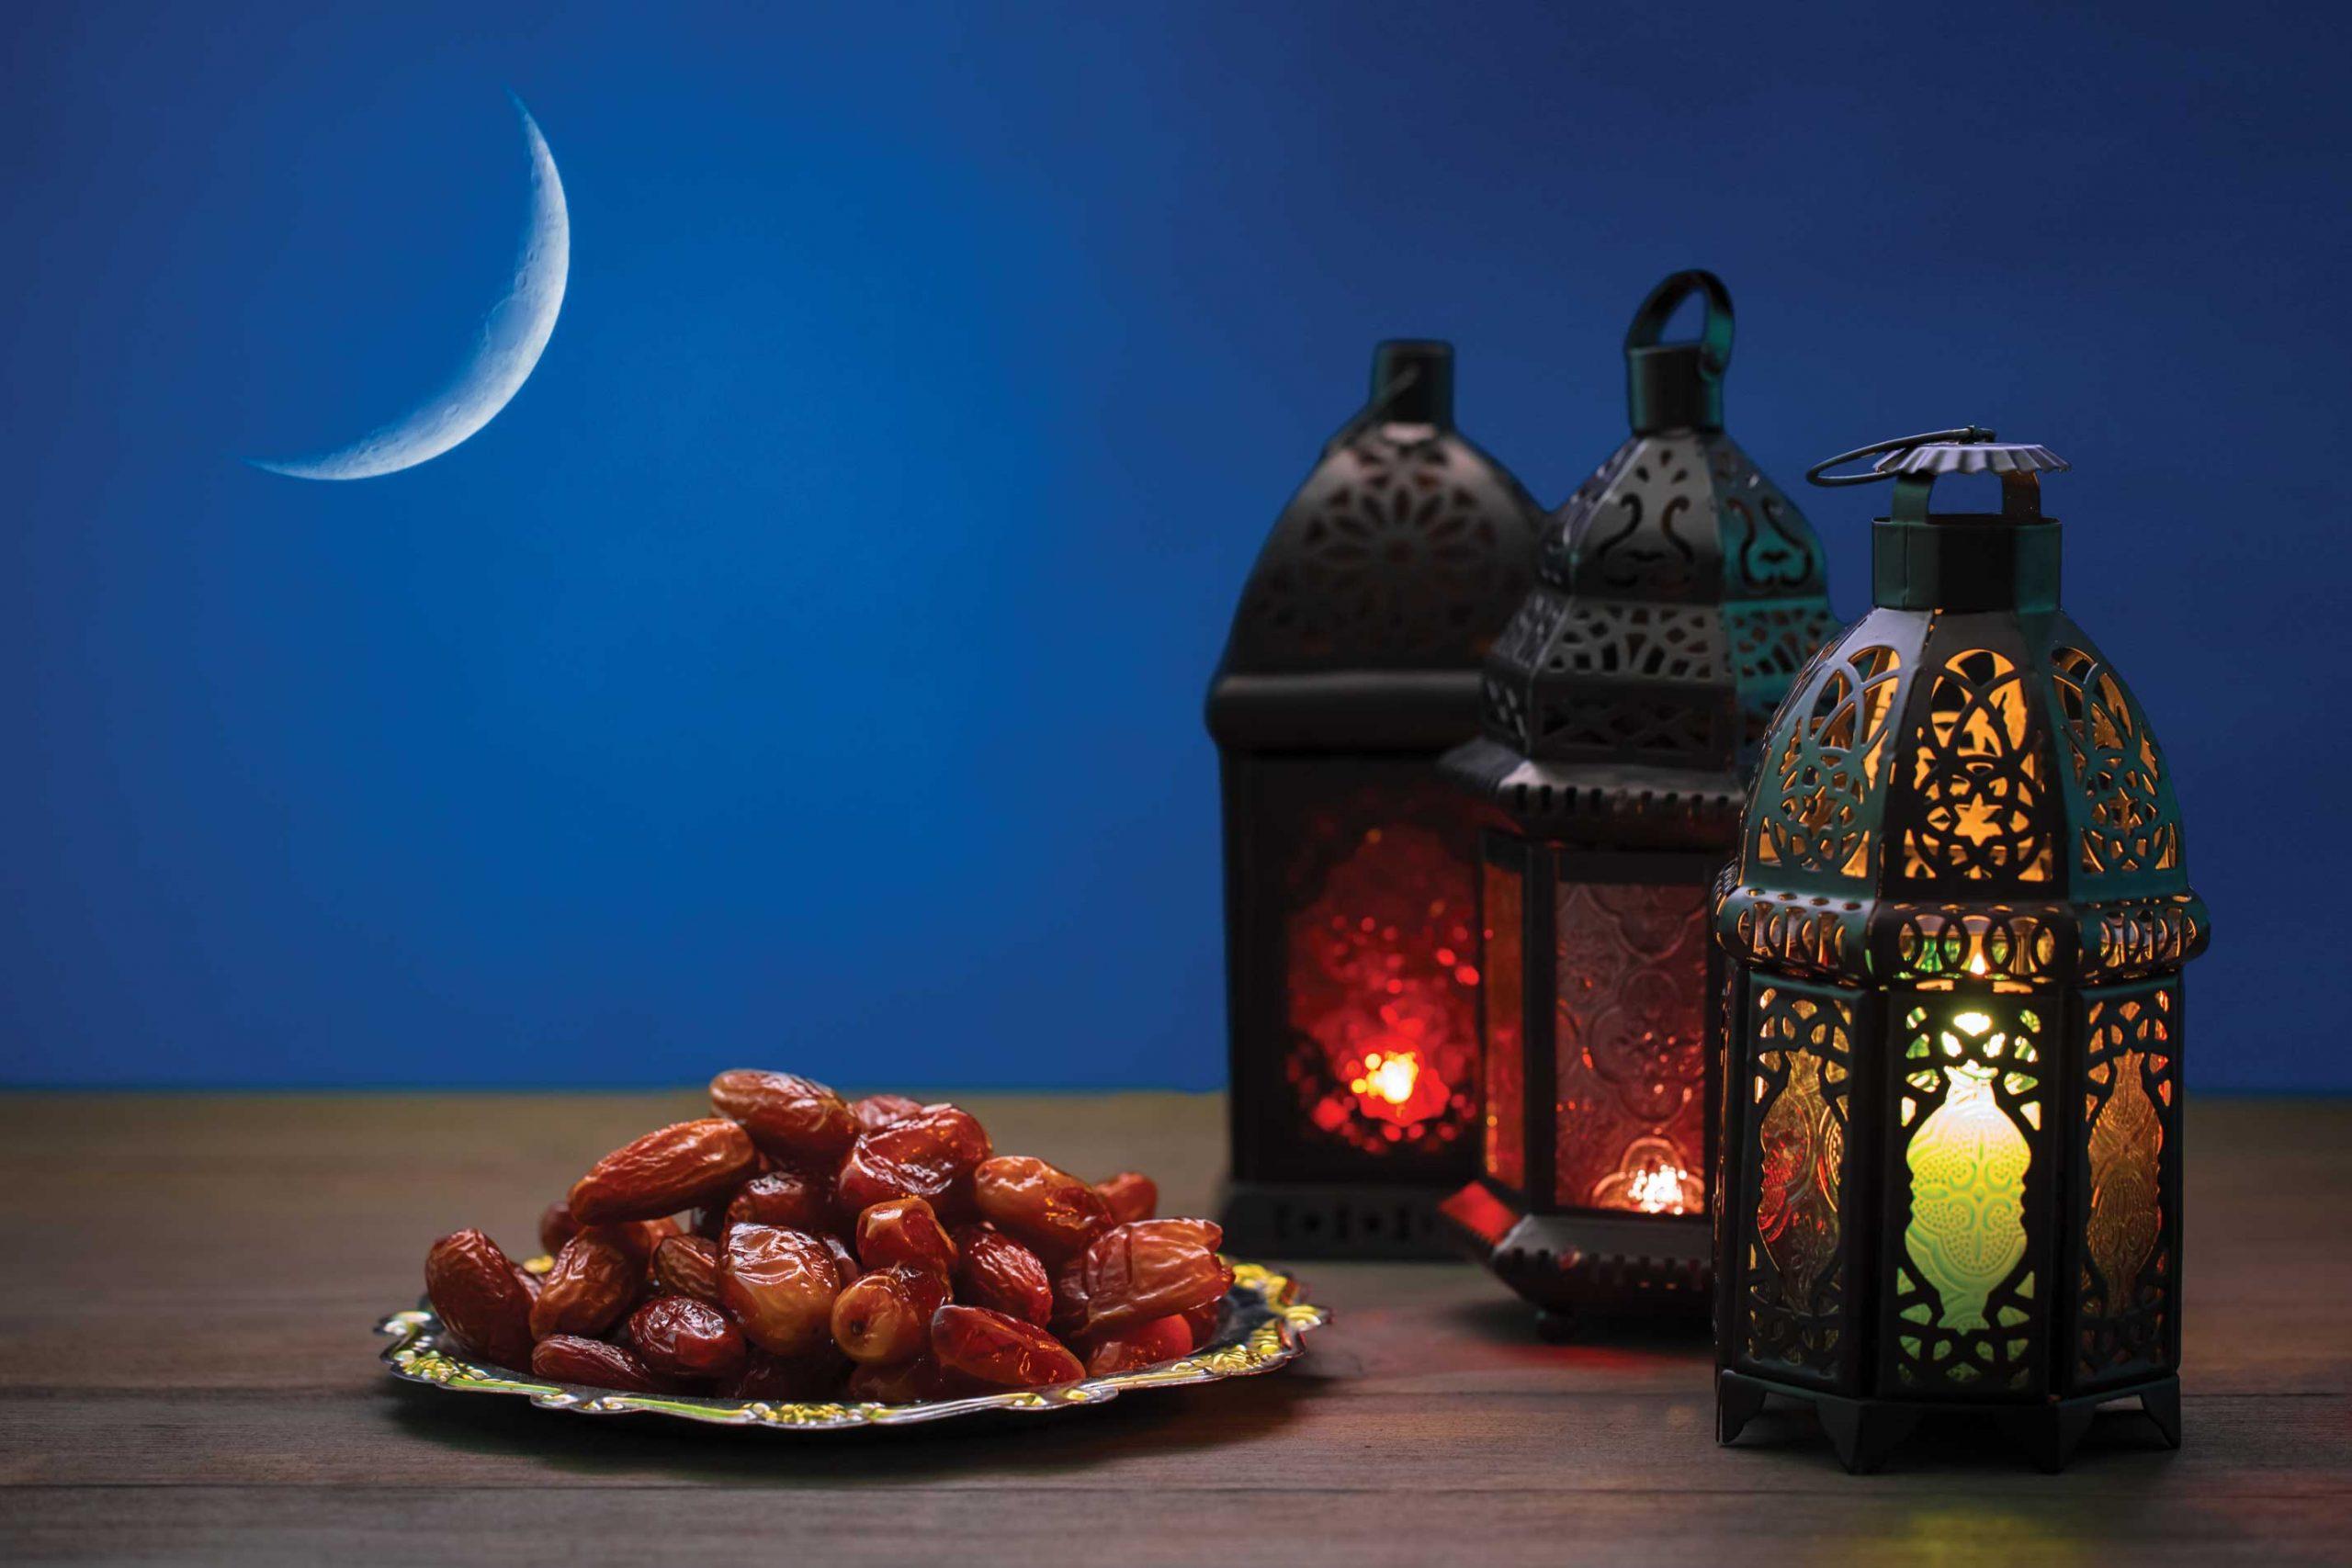 إمساكية رمضان 2021 في مصر لمحافظات القاهرة والجيزة والإسكندرية